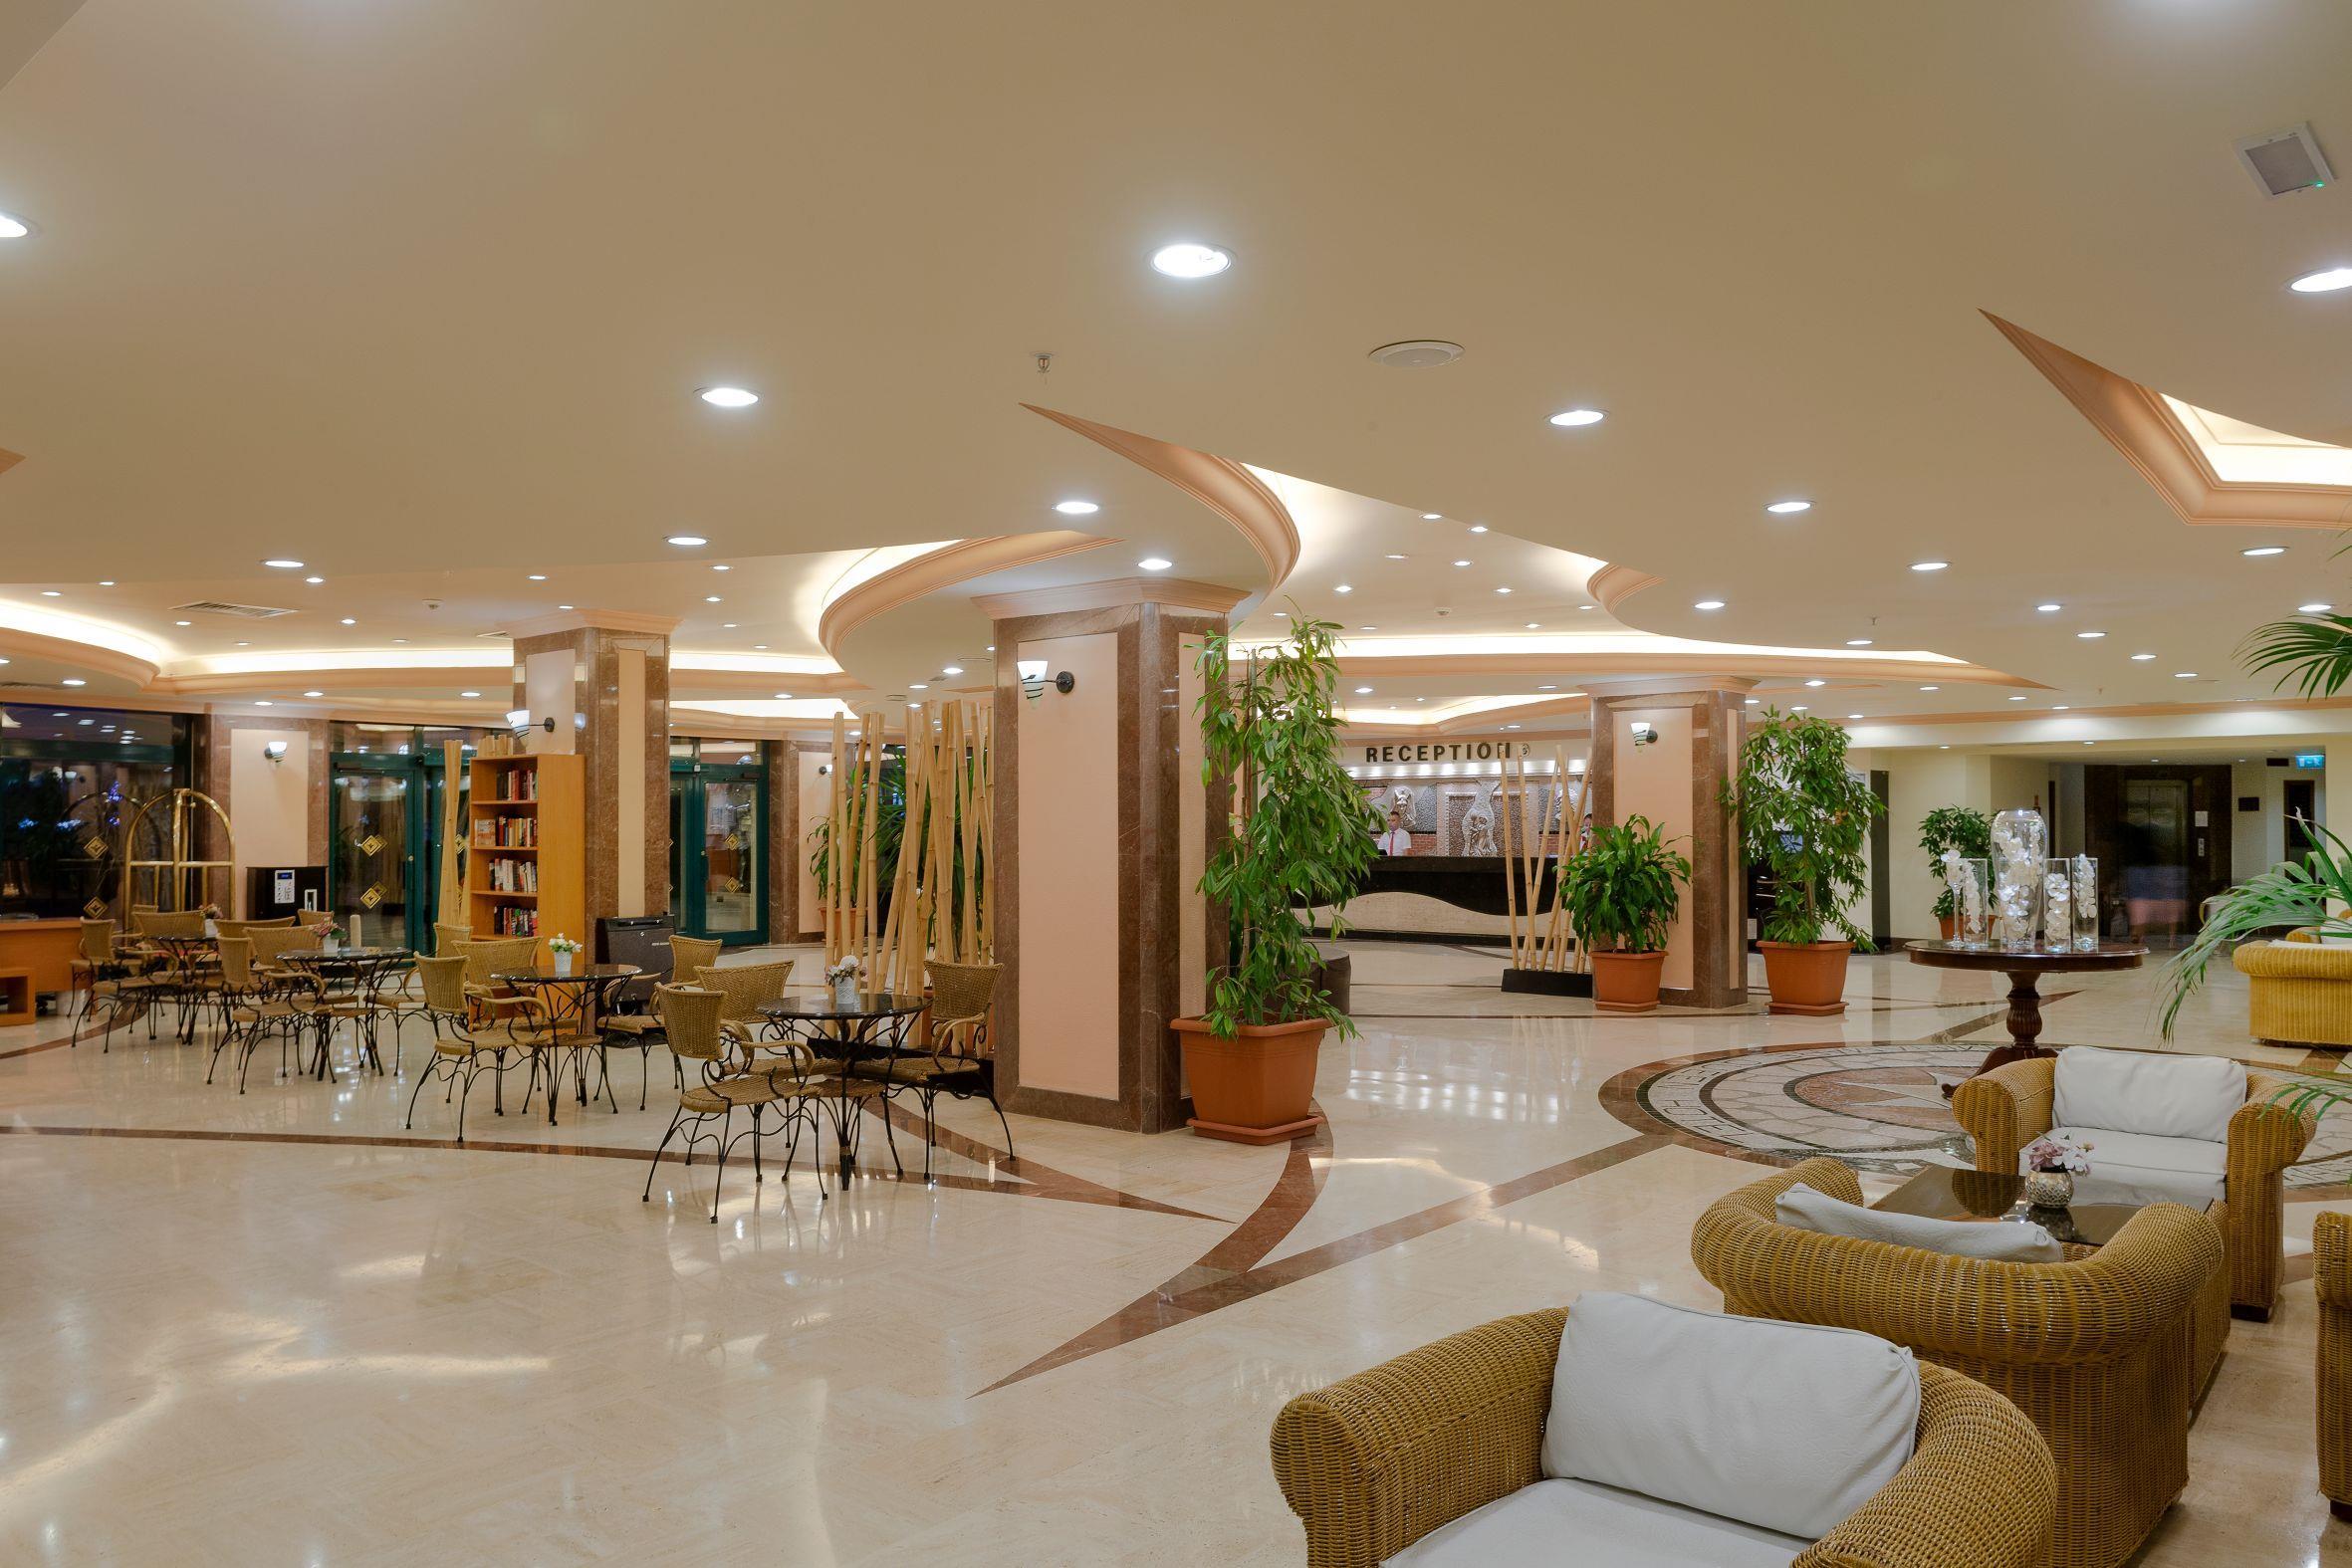 http://www.orextravel.sk/OREX/hotelphotos/miramare-queen-hotel-general-0078.jpg